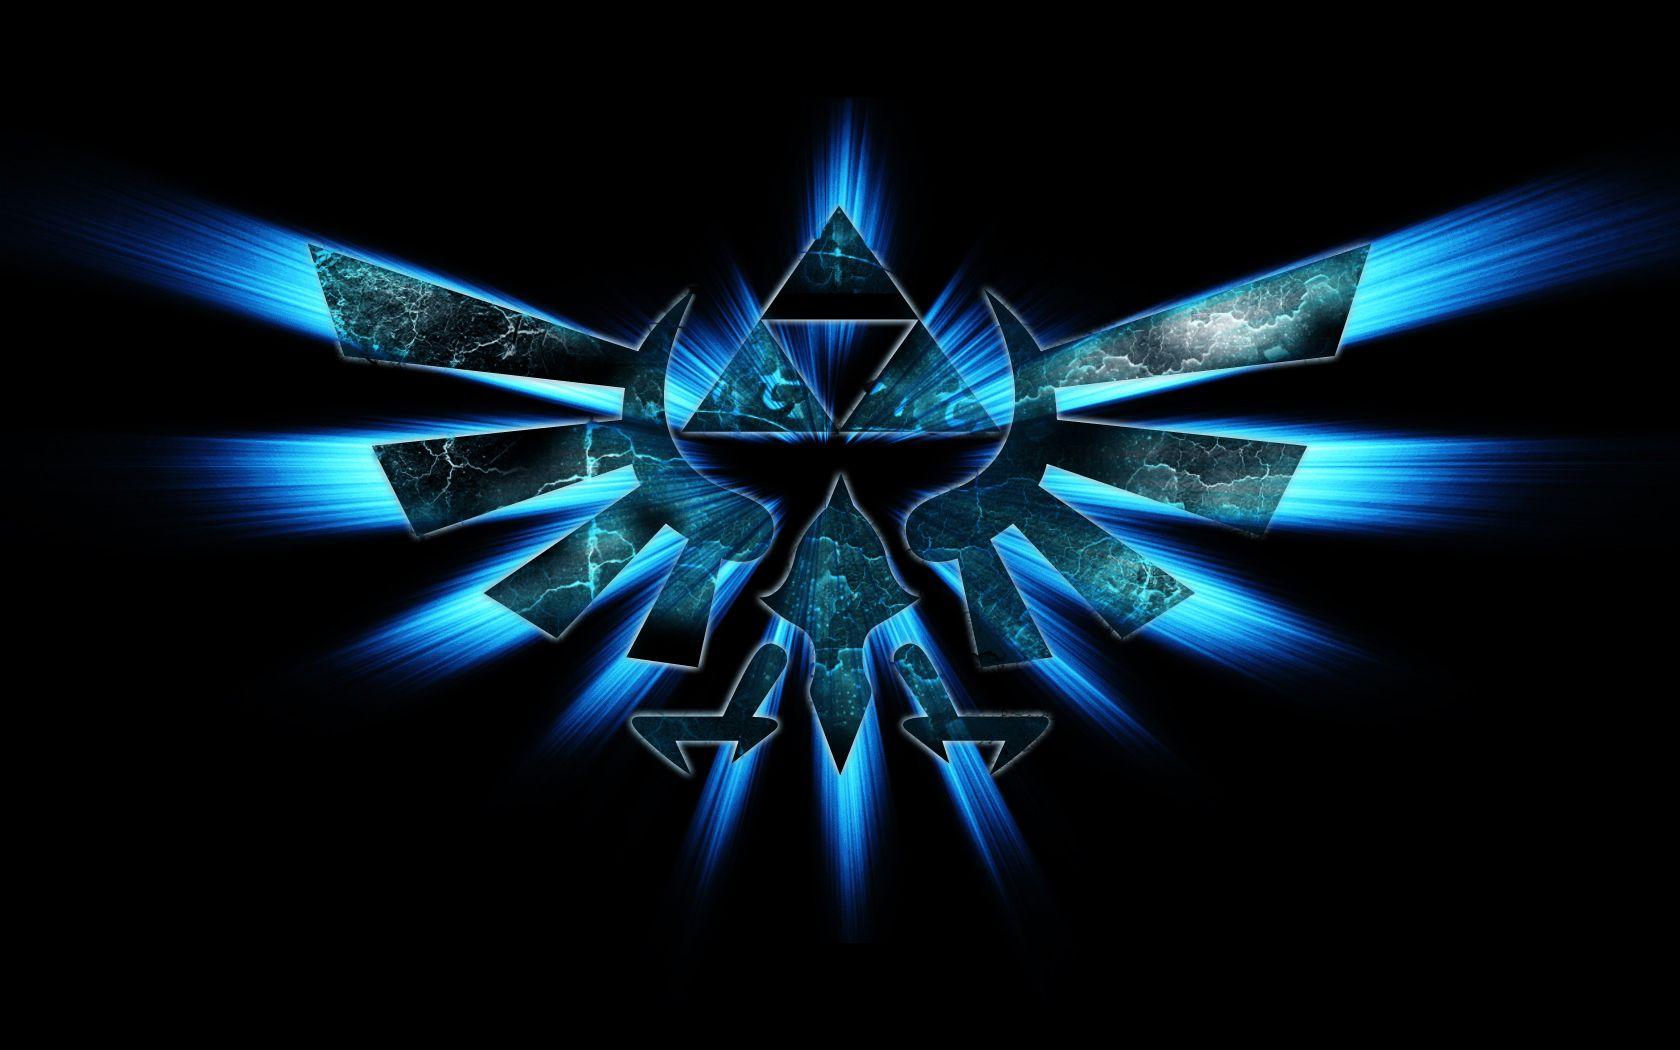 The Legend Of Zelda Wallpaper Triforce Wallpaper The Legend Of Zelda Wallpaper 2832807 Fanpop Zelda Logo Zelda Hd Legend Of Zelda